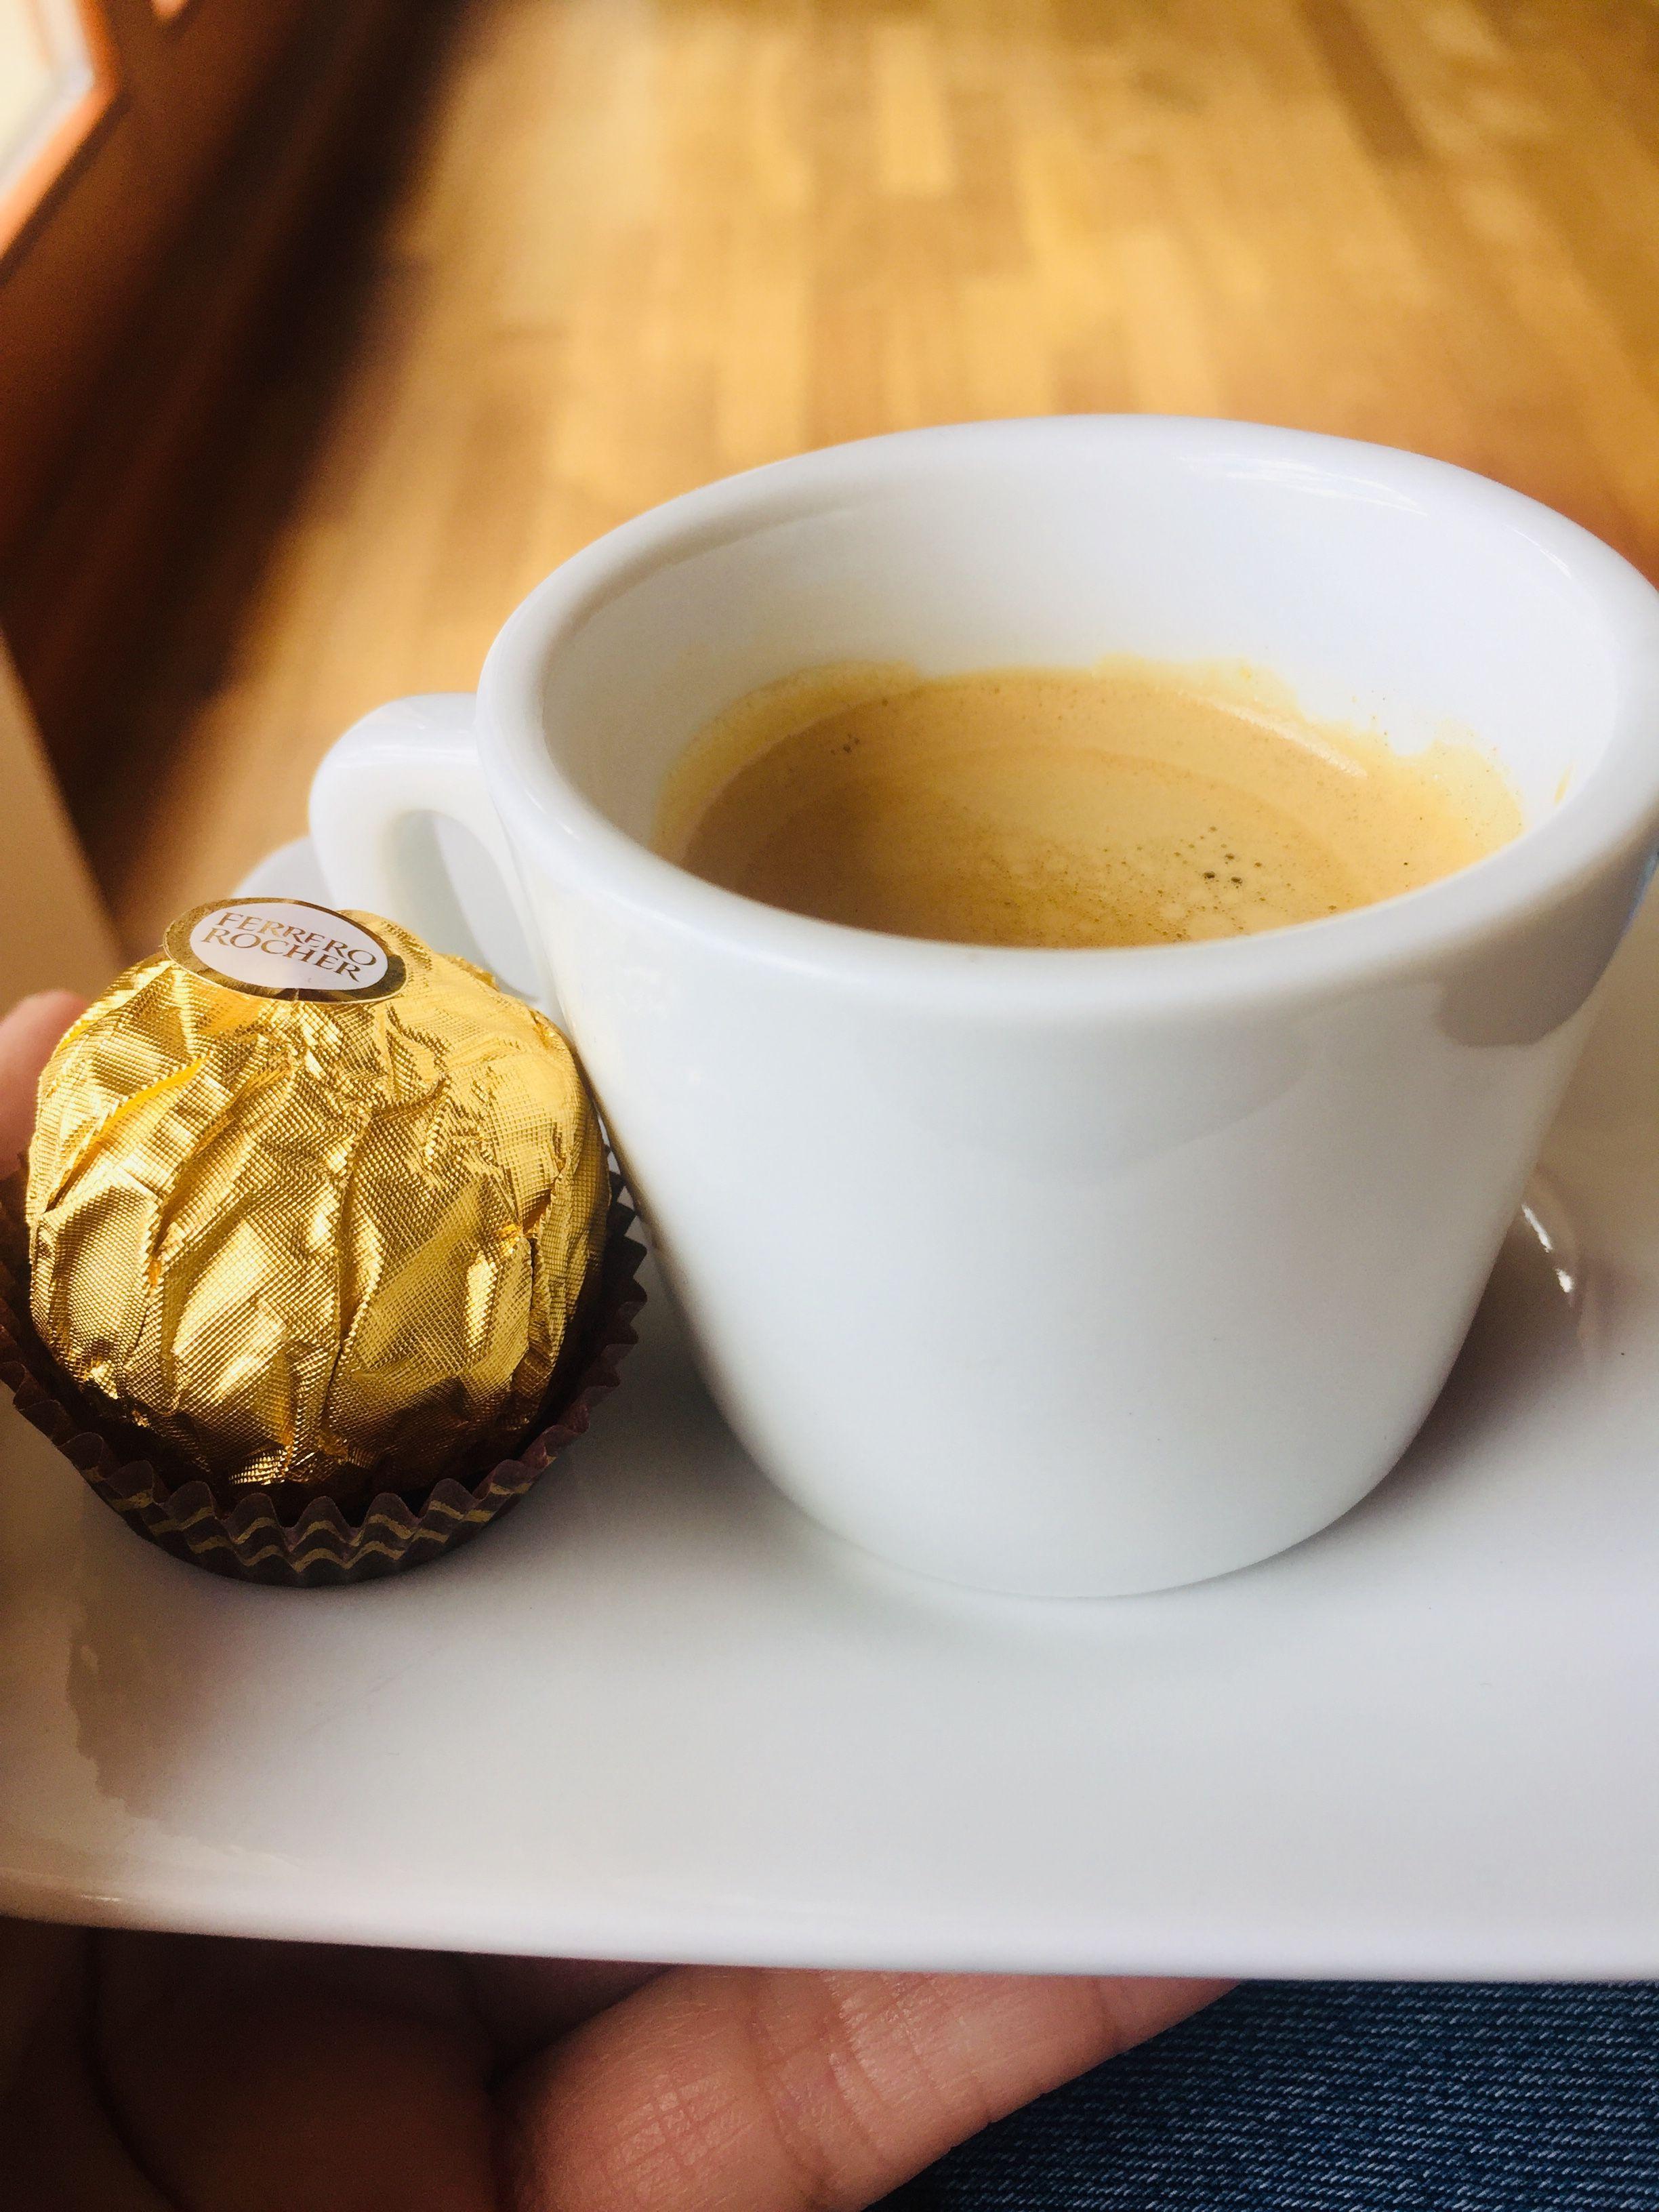 Coffee Espresso Ferrerorocher Relaxation Tableware Espresso Ferrero Rocher